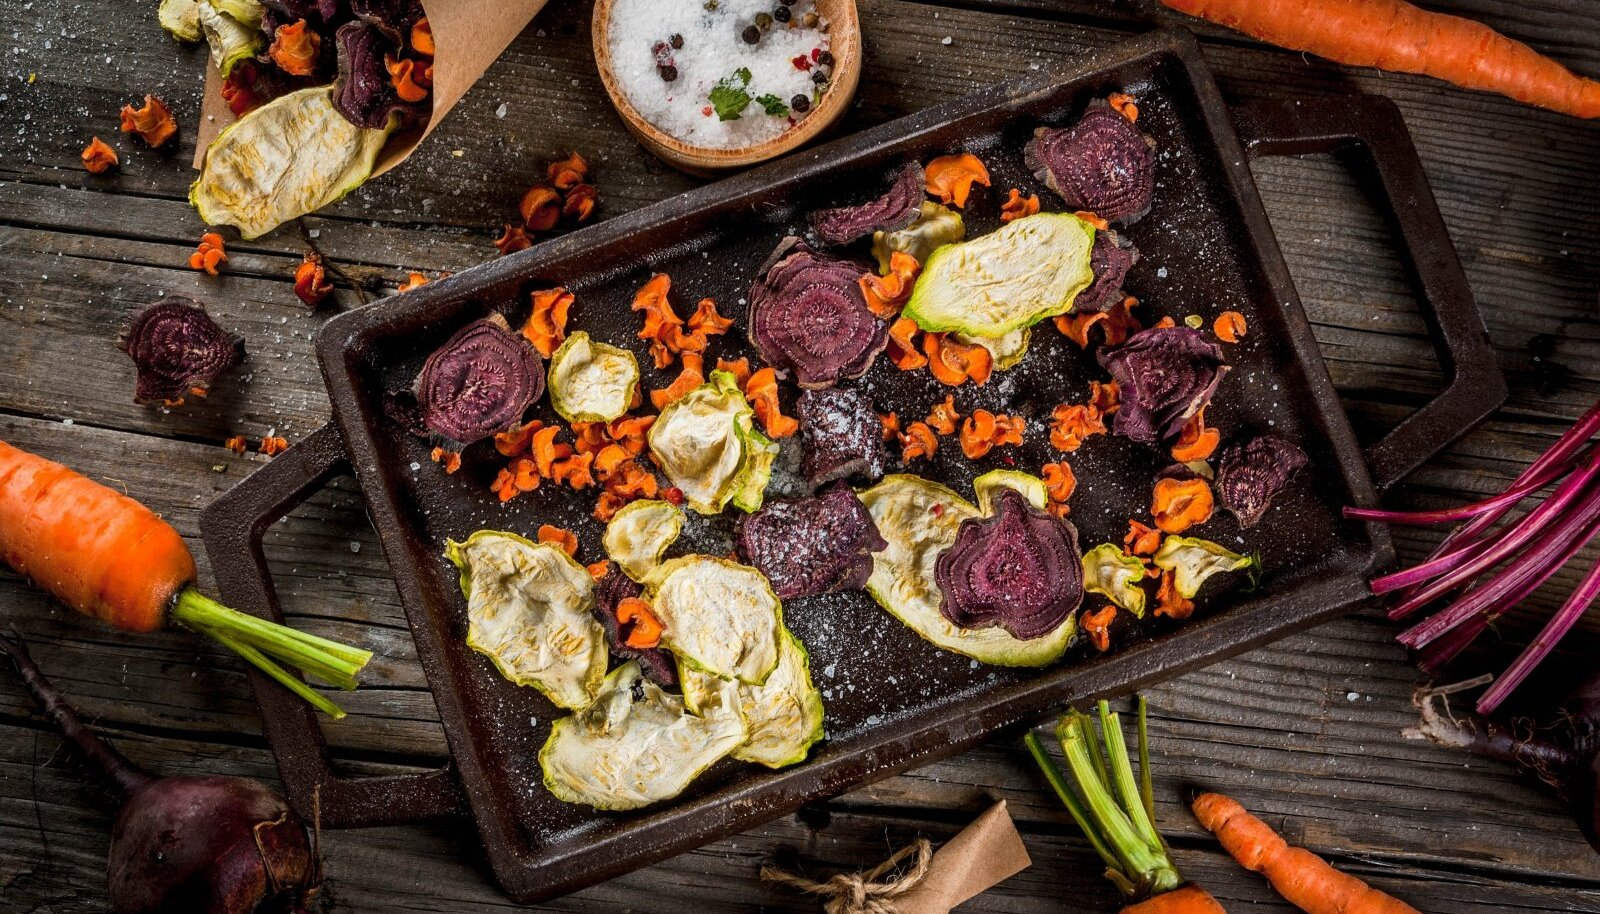 Köögivilju võib kuivatada praeahjus, kuivas välisõhus või spetsiaalses kuivatis.